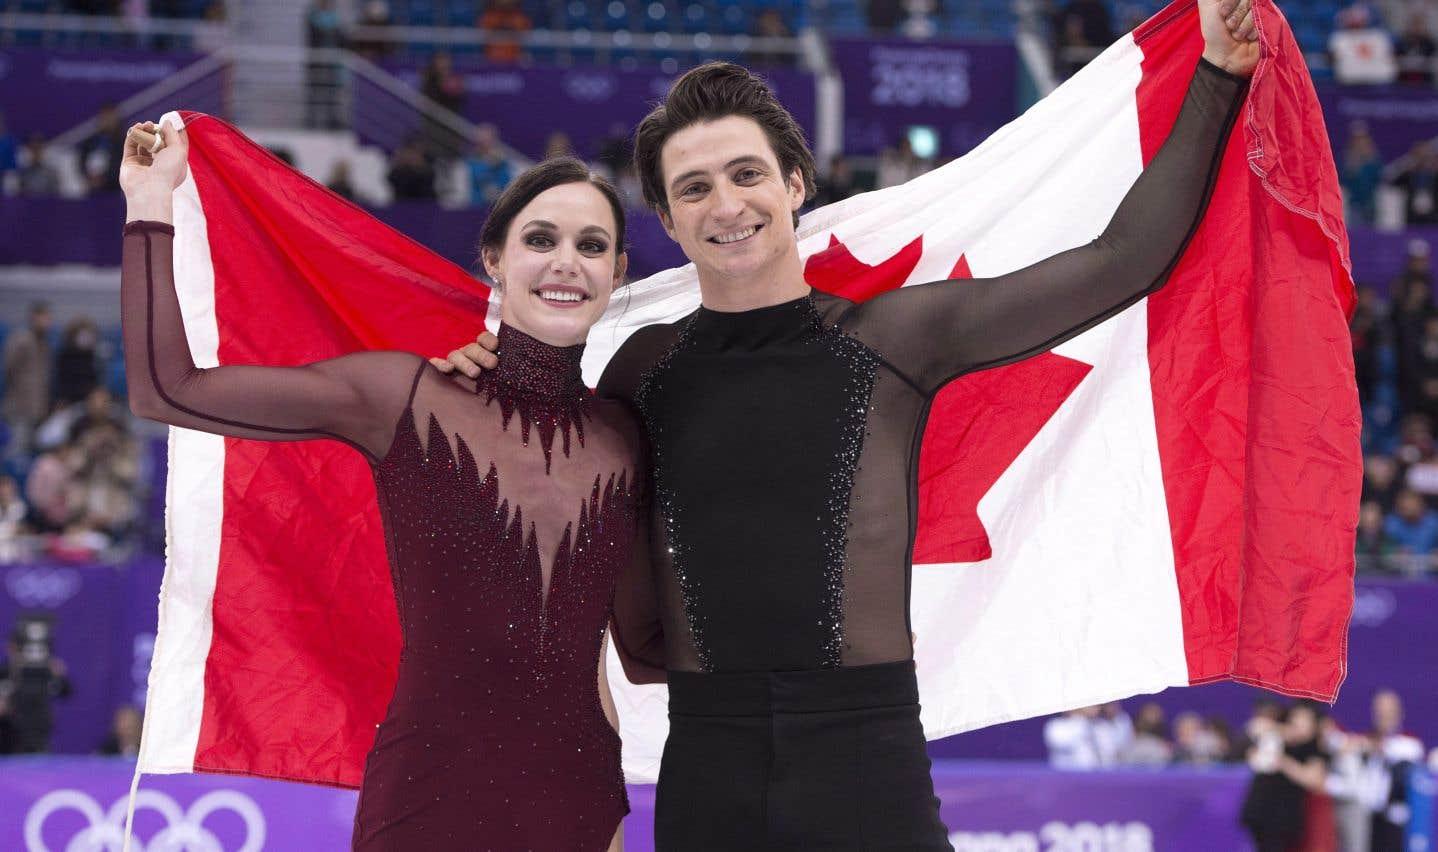 Tessa Virtue et Scott Moir ont remporté une médaille d'or lundi soir avec un total de 206,07, soit avec moins d'un point d'avance sur Gabriella Papadakis et Guillaume Cizeron.